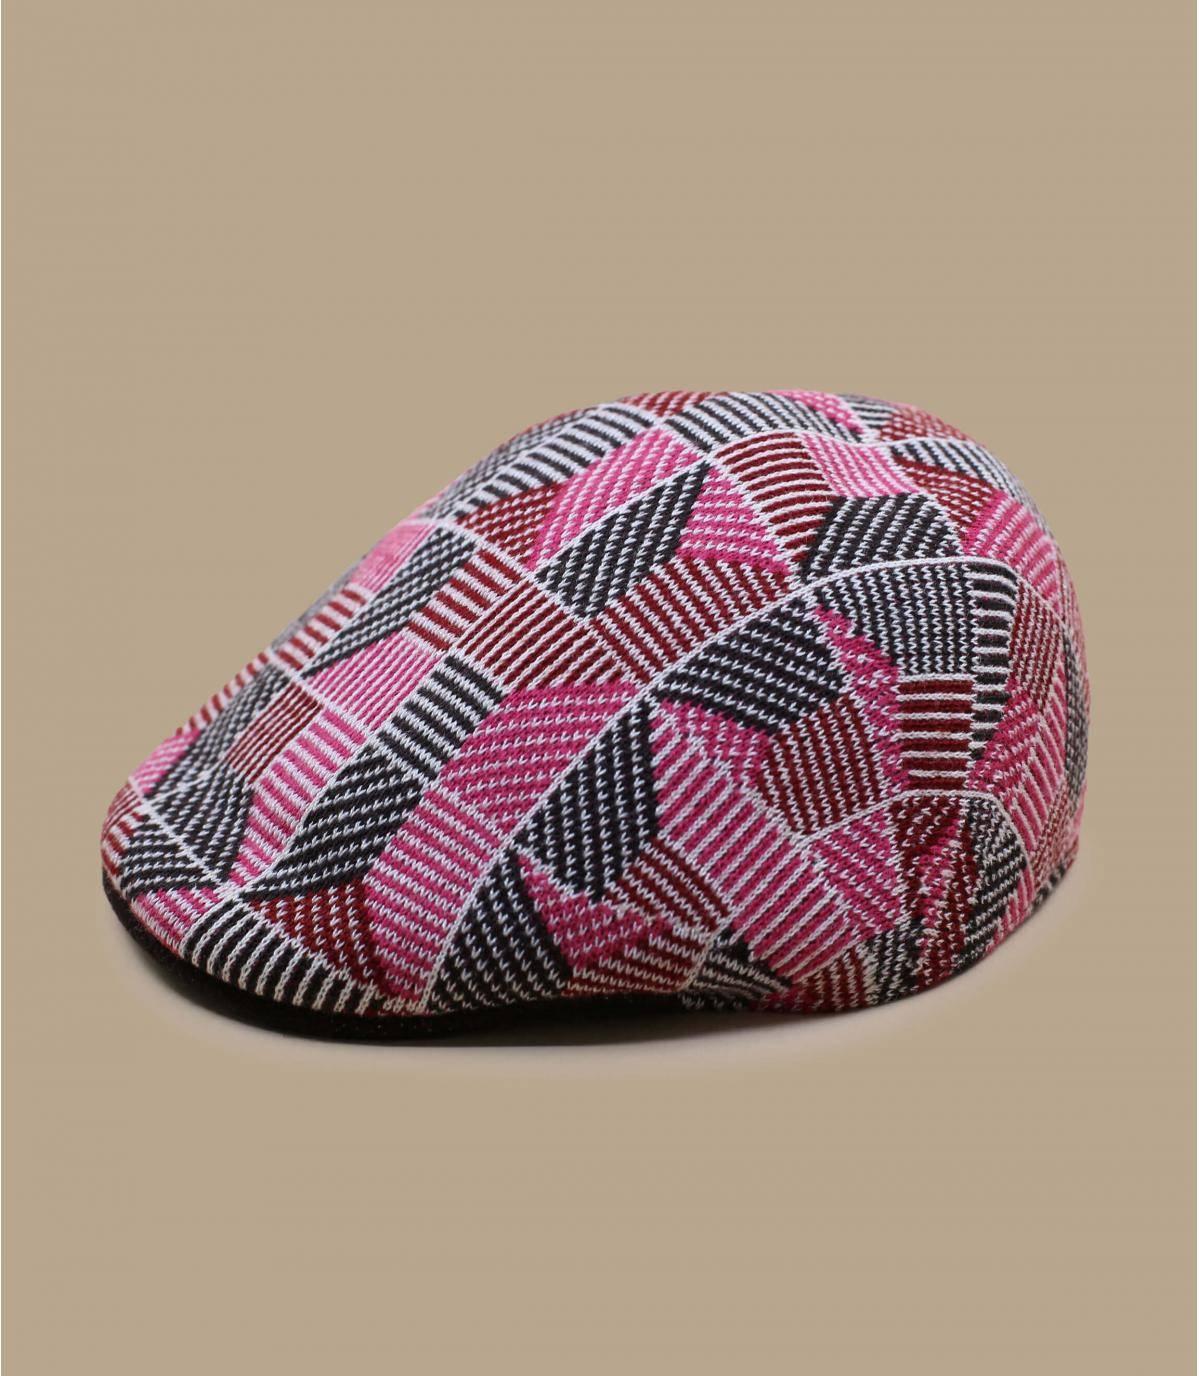 Detalles 507 Tiled electric pink imagen 2